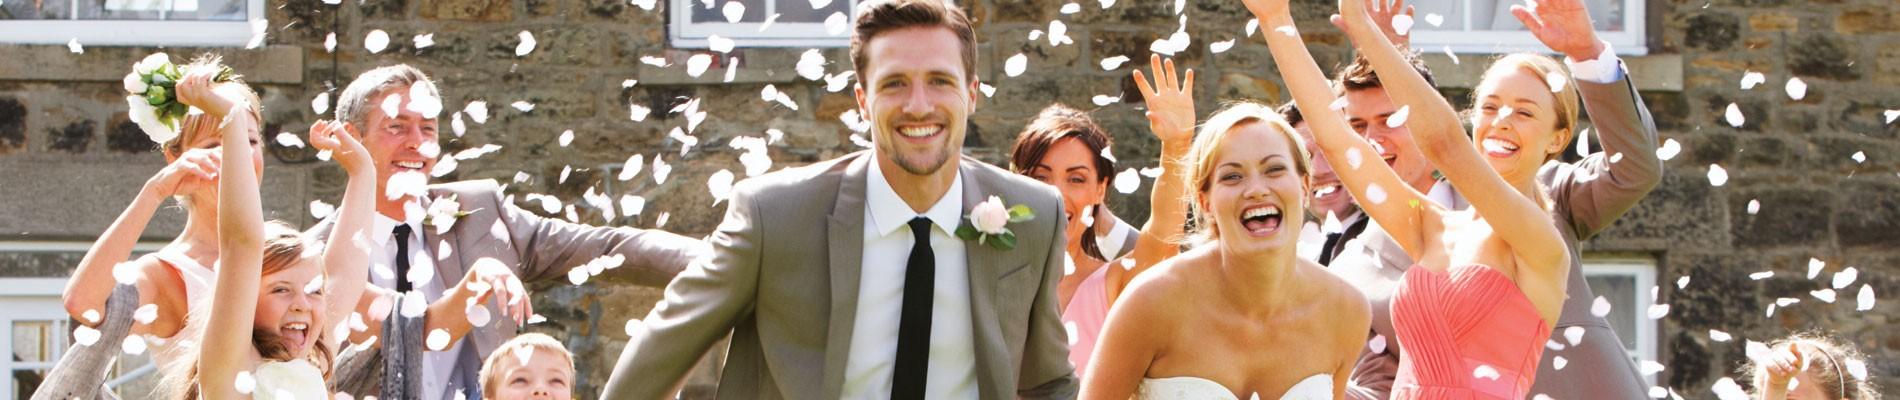 Votre mariage se prépare ?